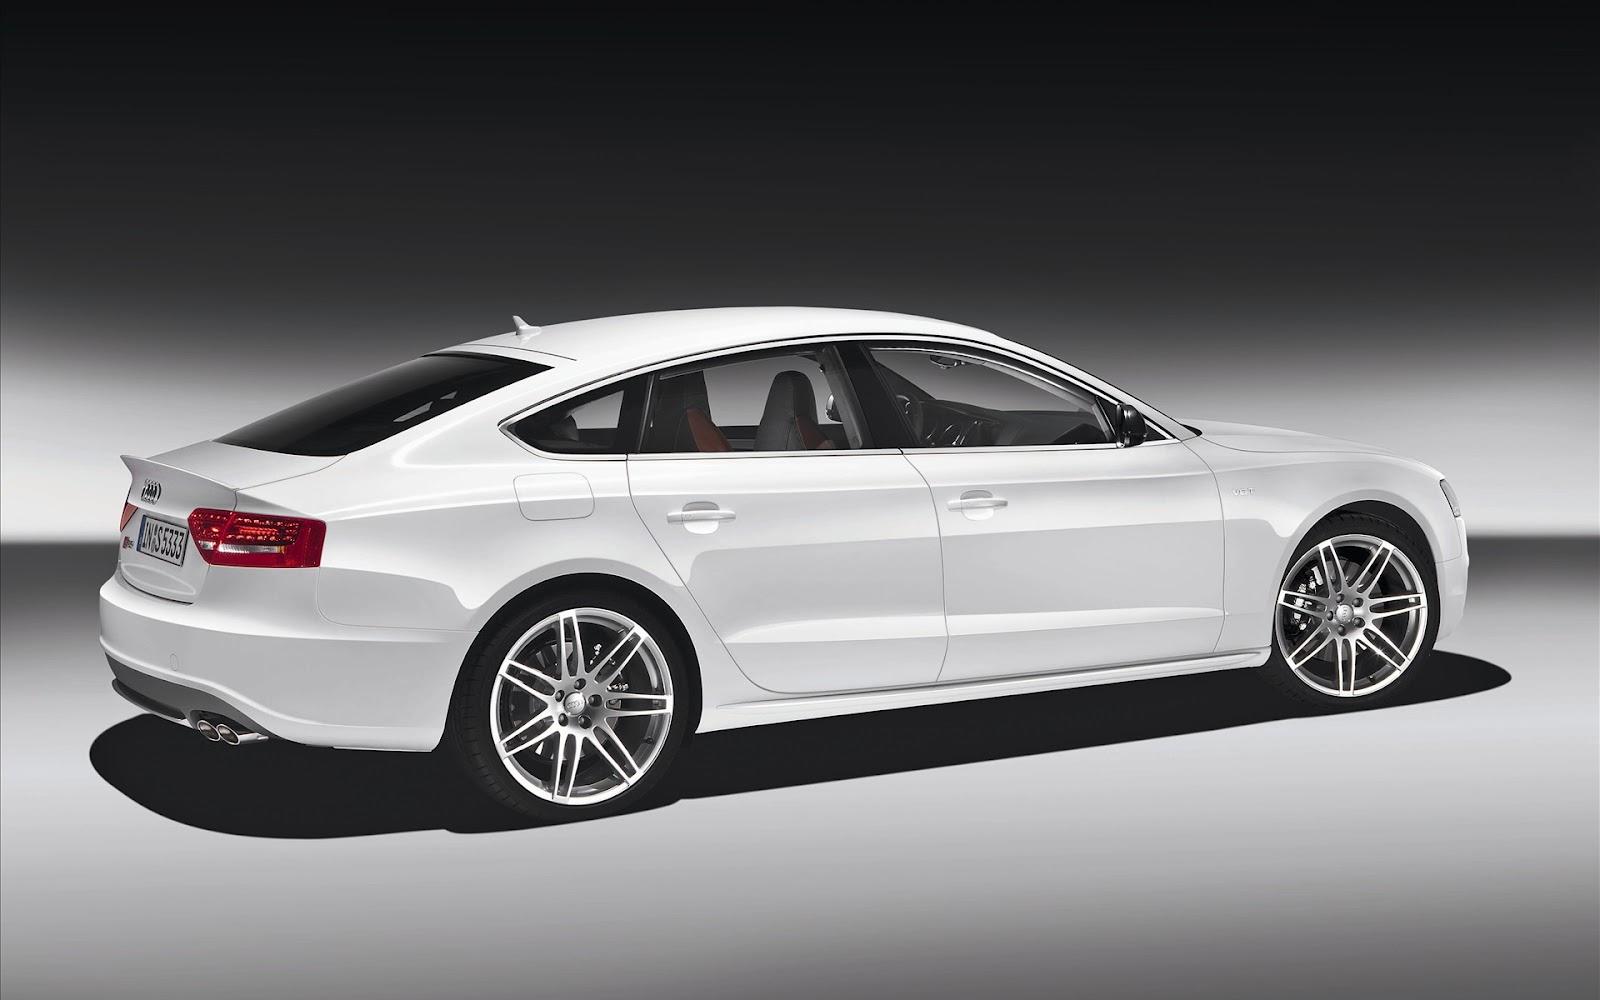 New Car Photo: White Audi S5 Wallpaper